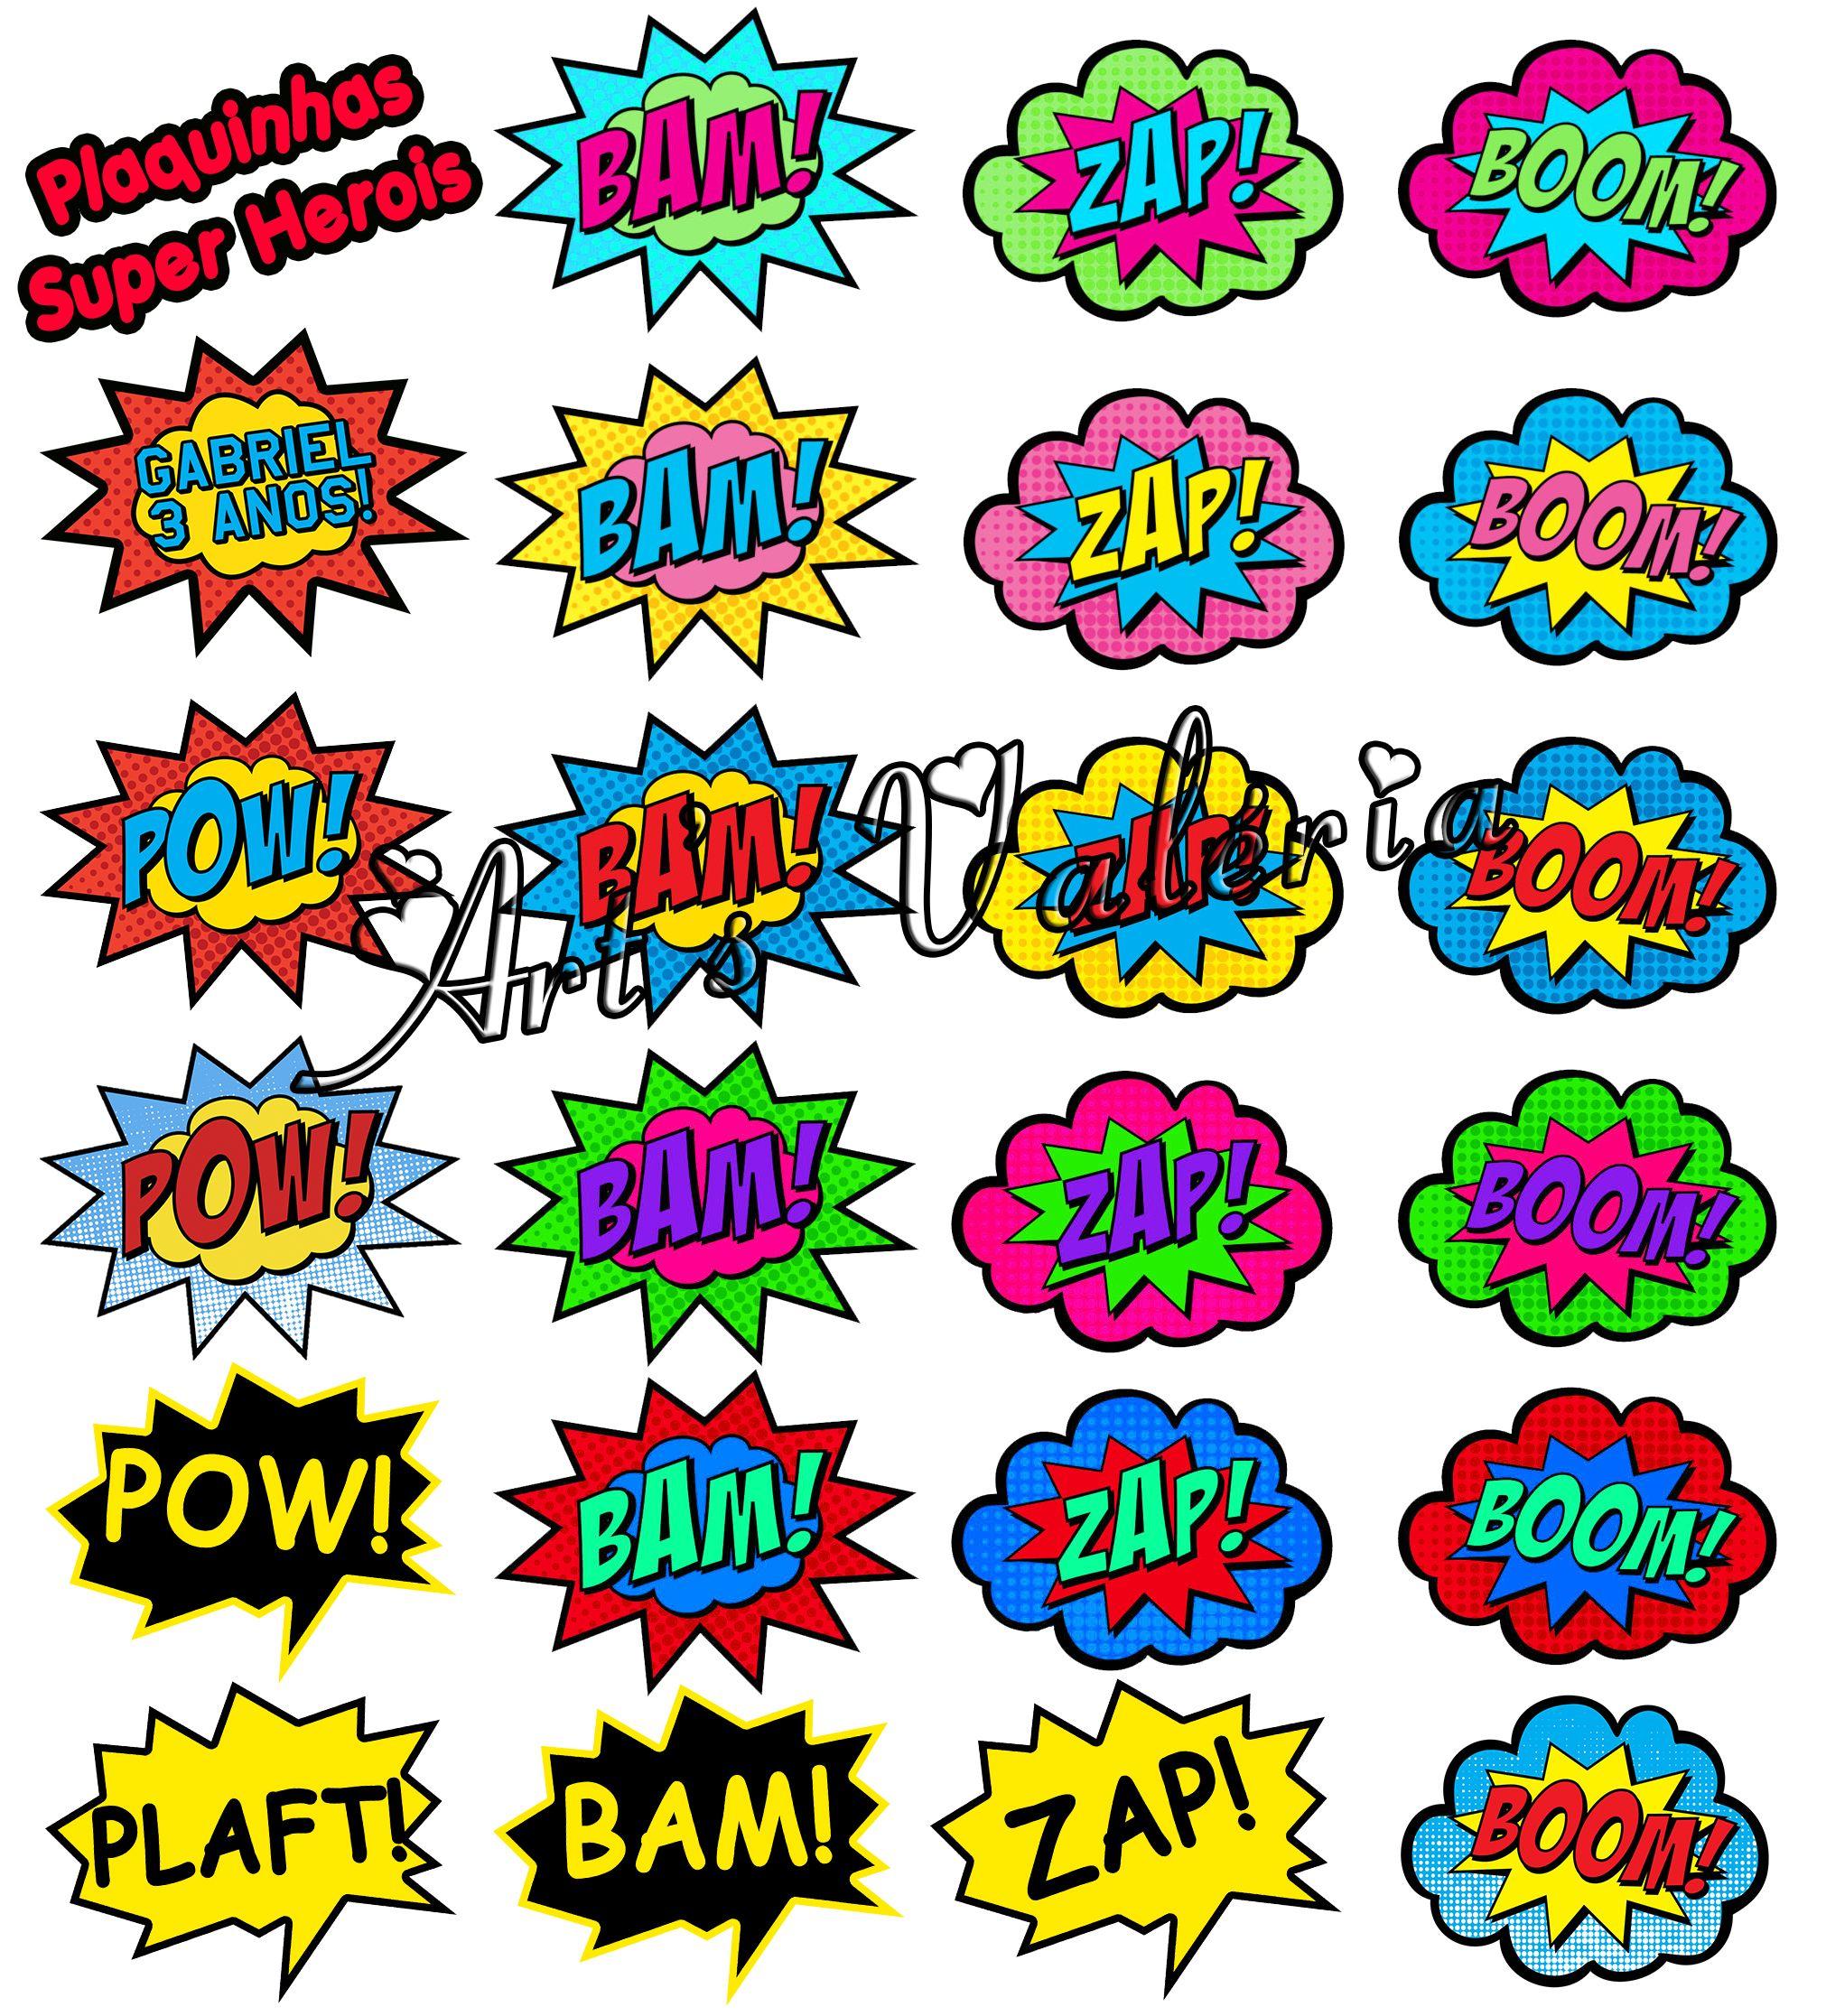 simbolo dos vingadores para imprimir - Pesquisa Google | Vingadores ...